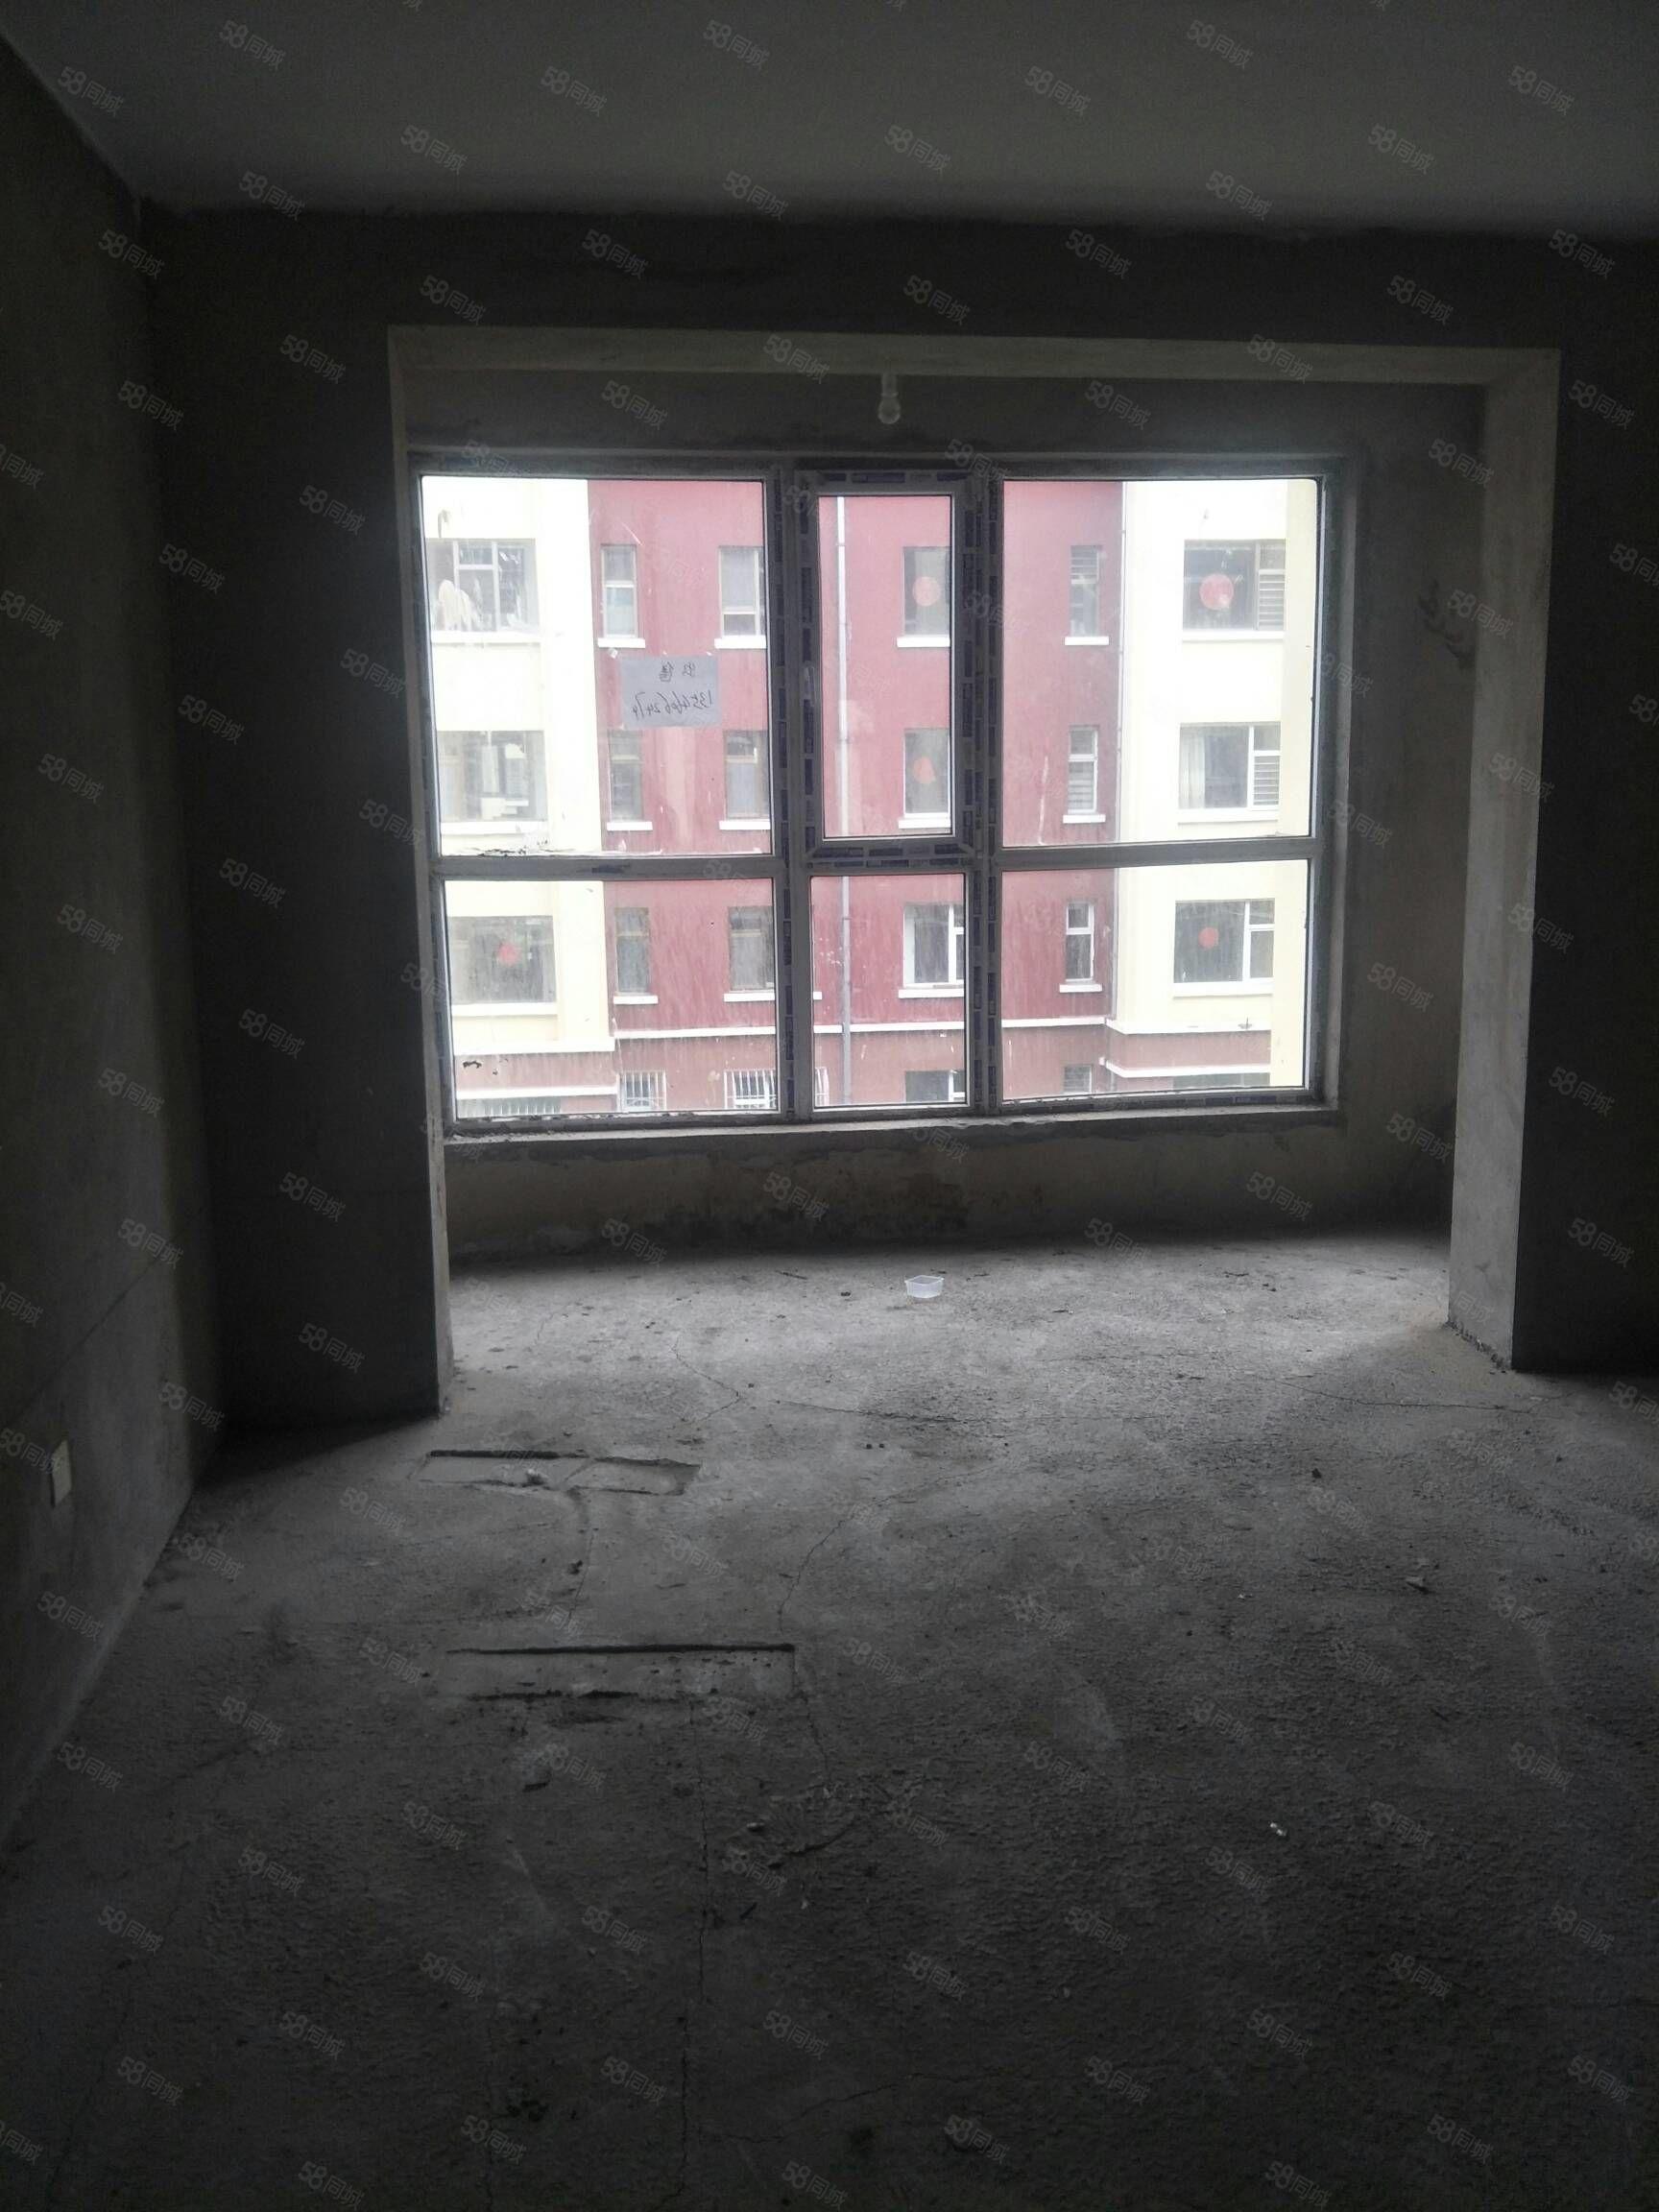 出售朔城區西山庭院3樓毛坯房費用全清雙陽臥陽客廳小區環境優美